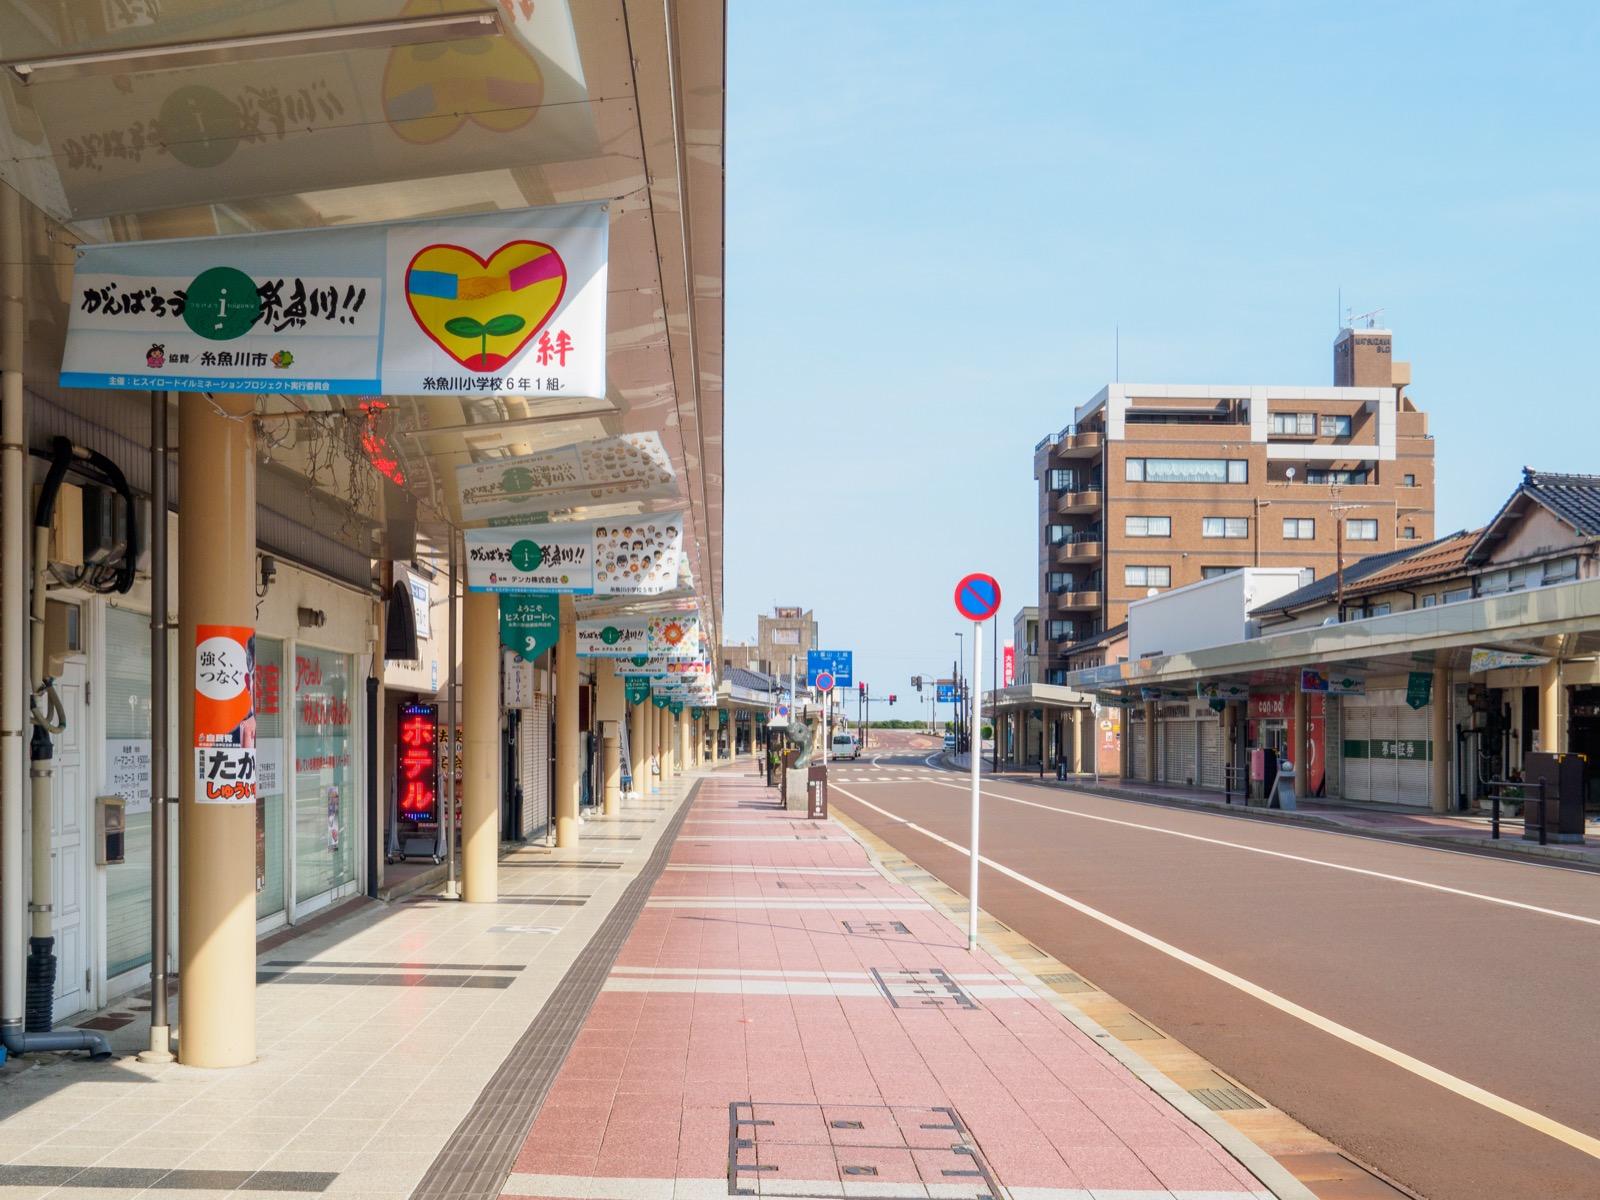 糸魚川駅日本海口(北口)から続くアーケード街(2017年4月)